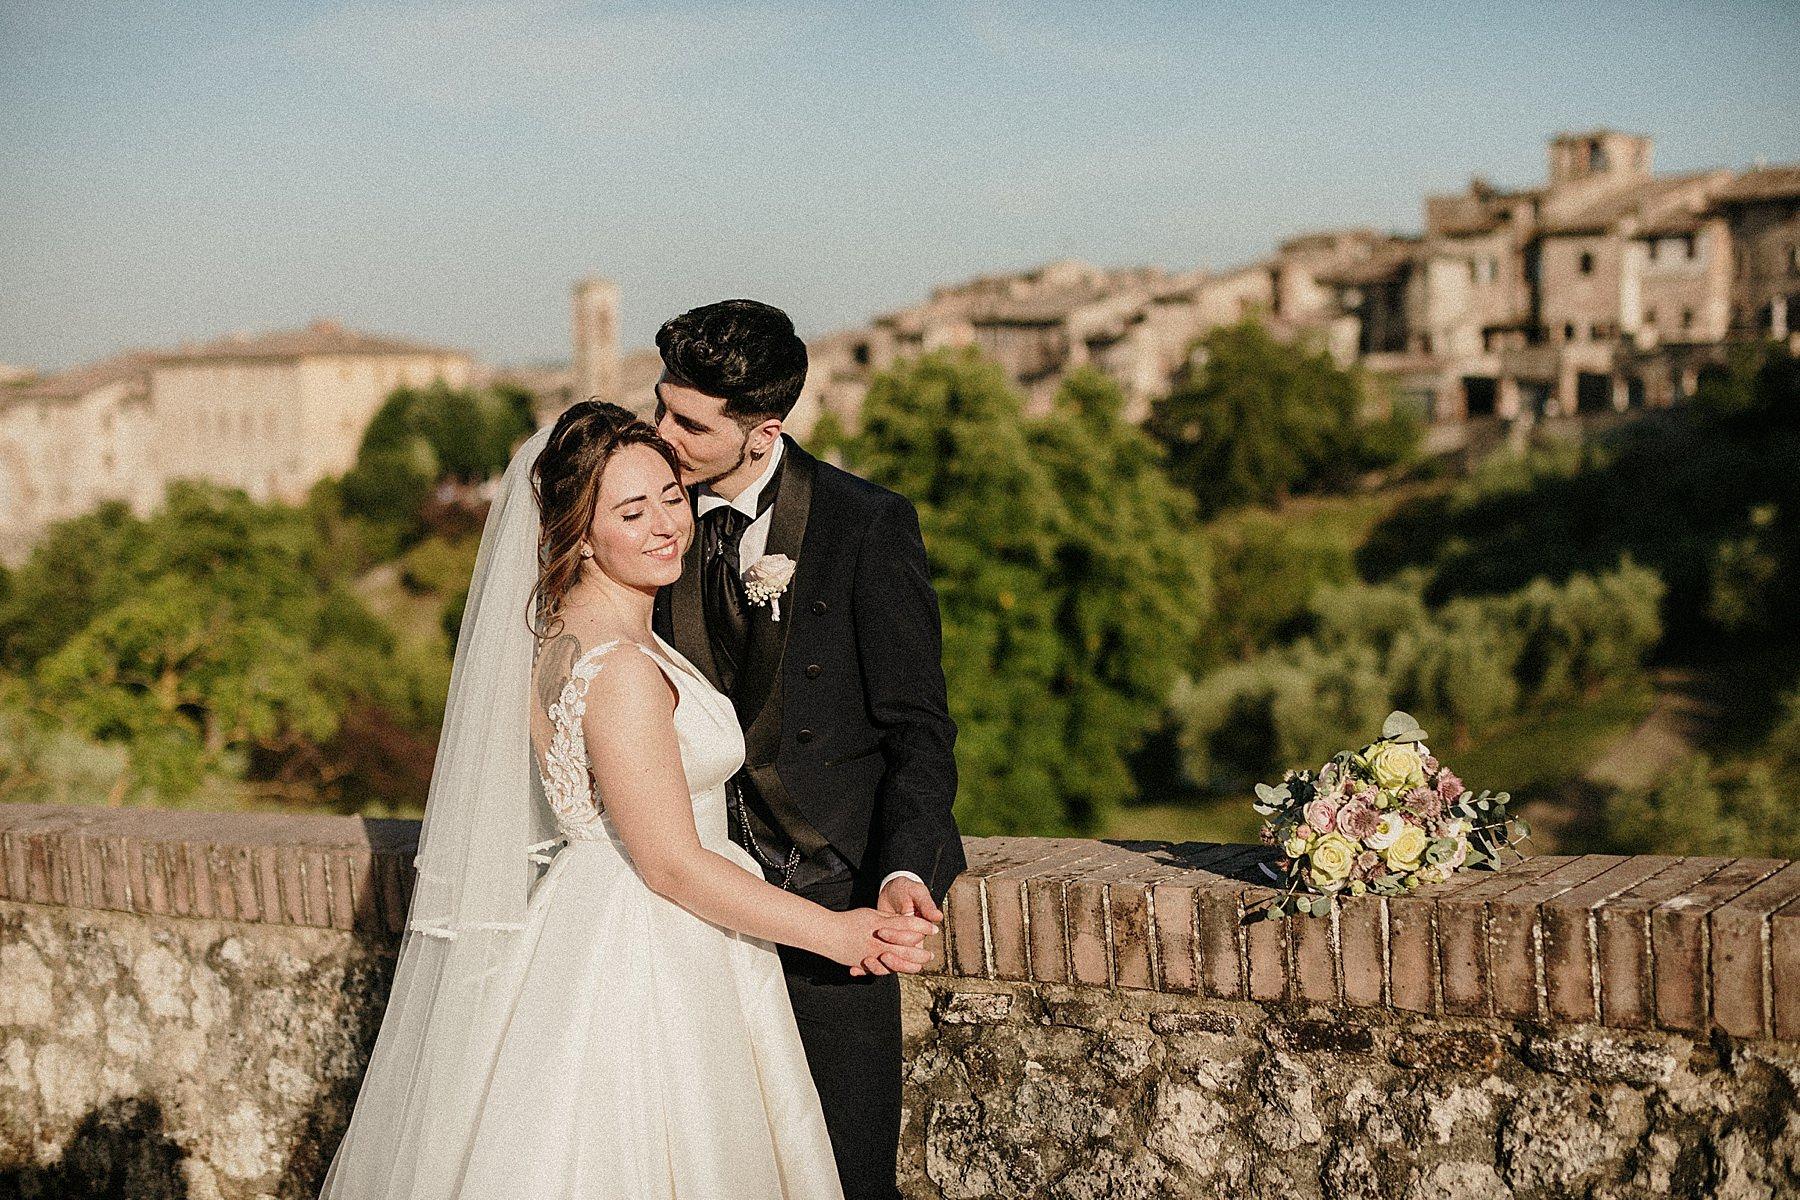 matrimonio tenuta bichi borghesi monteriggioni 3036